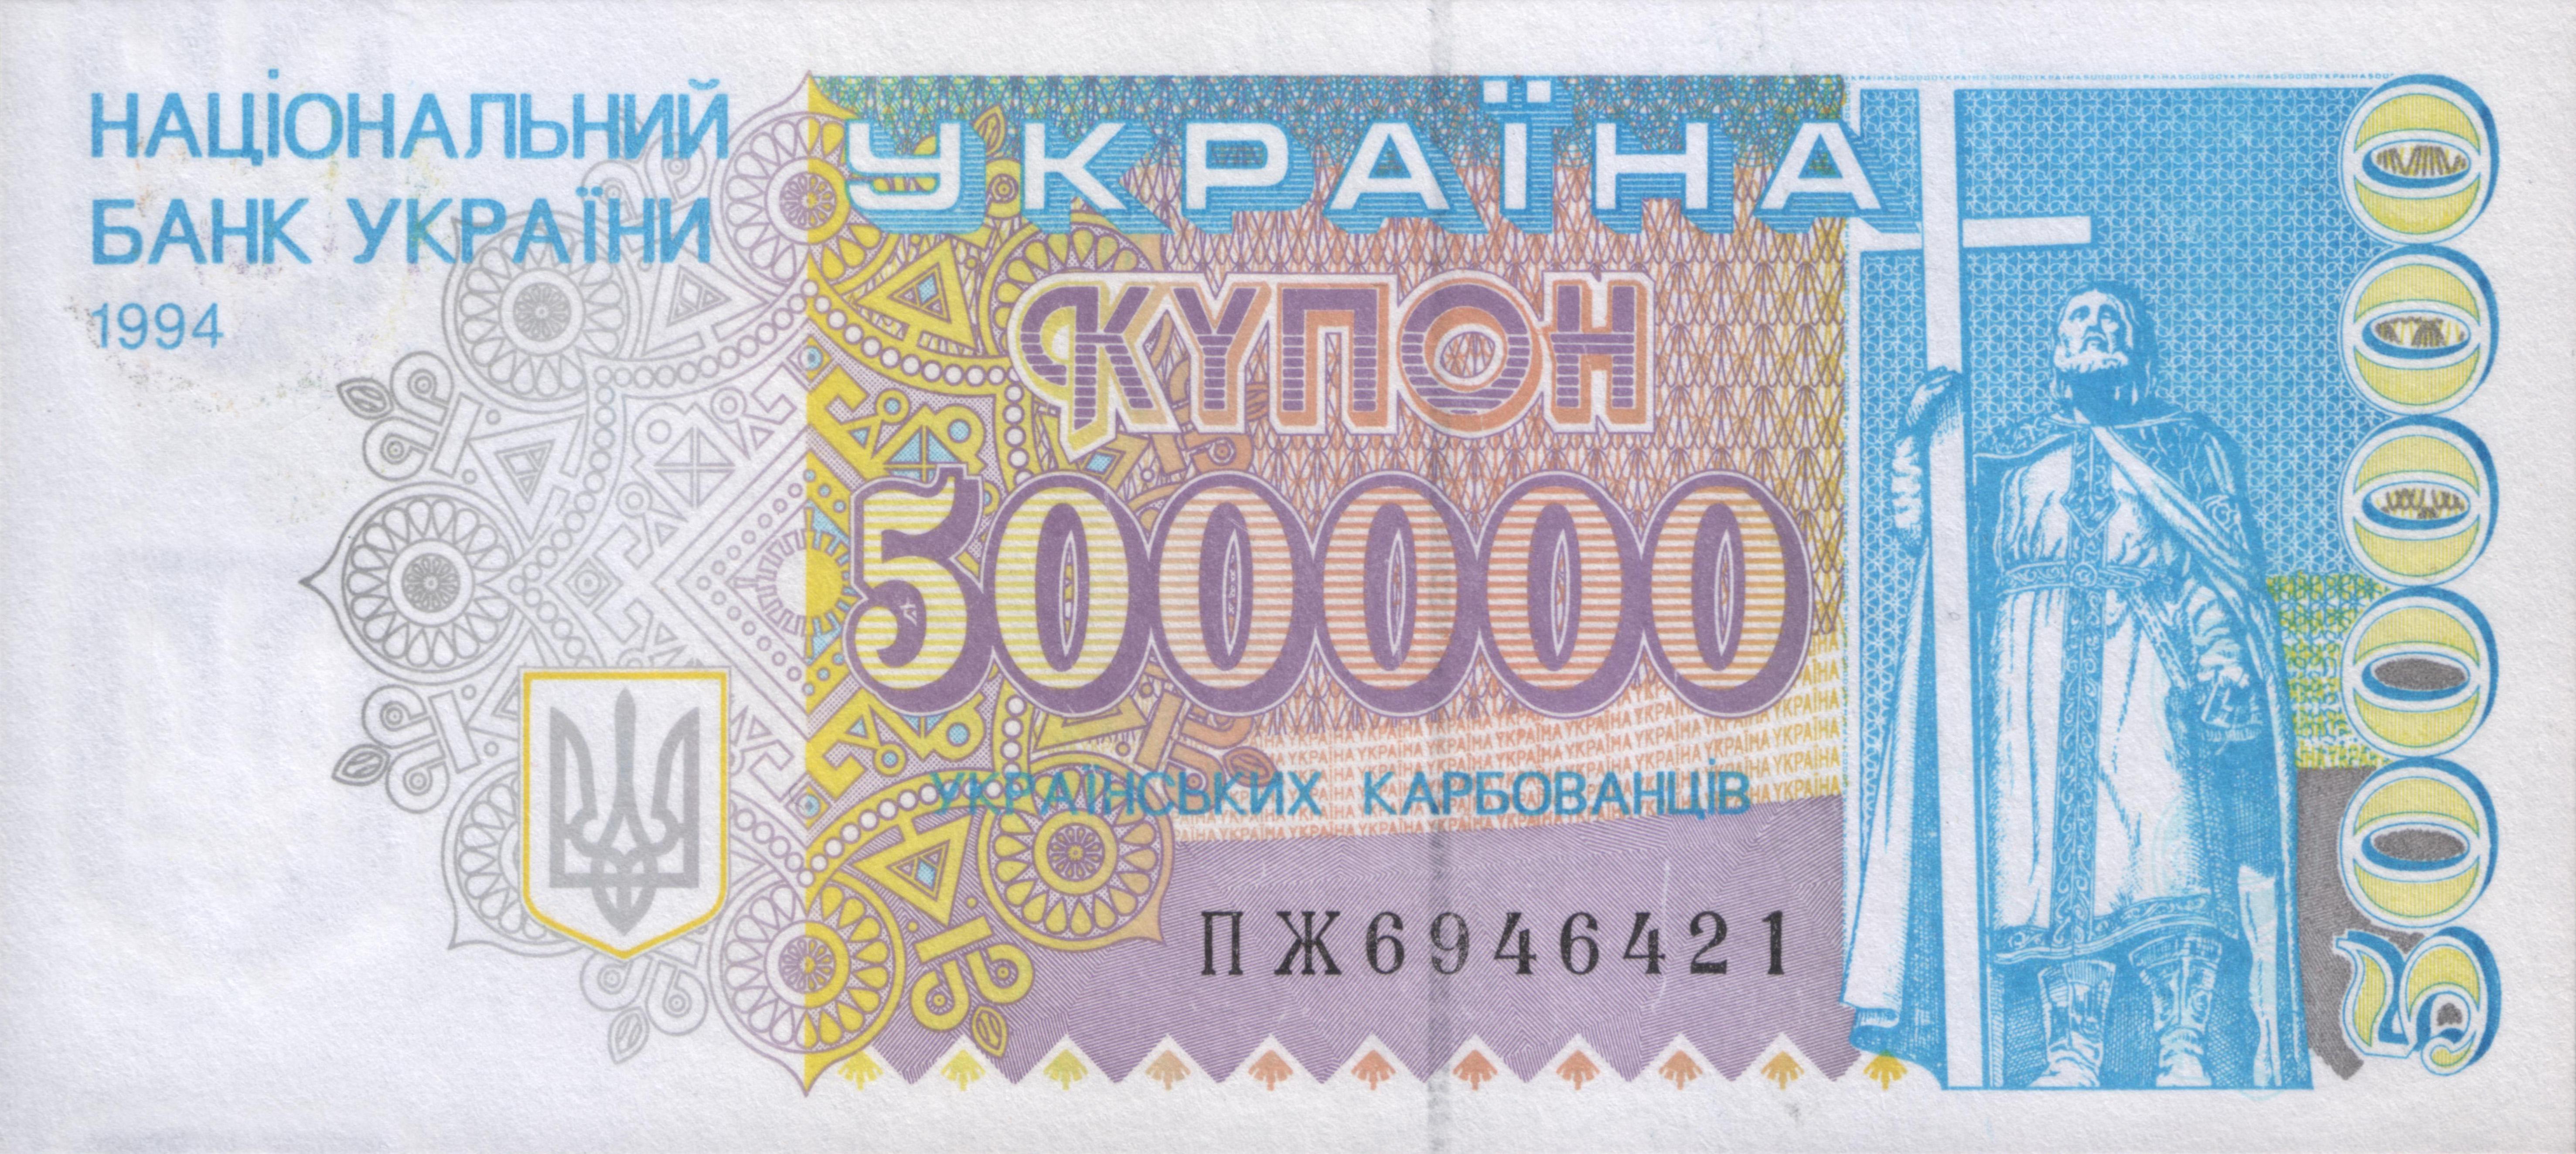 Глава сельсовета задержан на Ривненщине при получении 0,5 млн грн взятки, - СБУ - Цензор.НЕТ 990